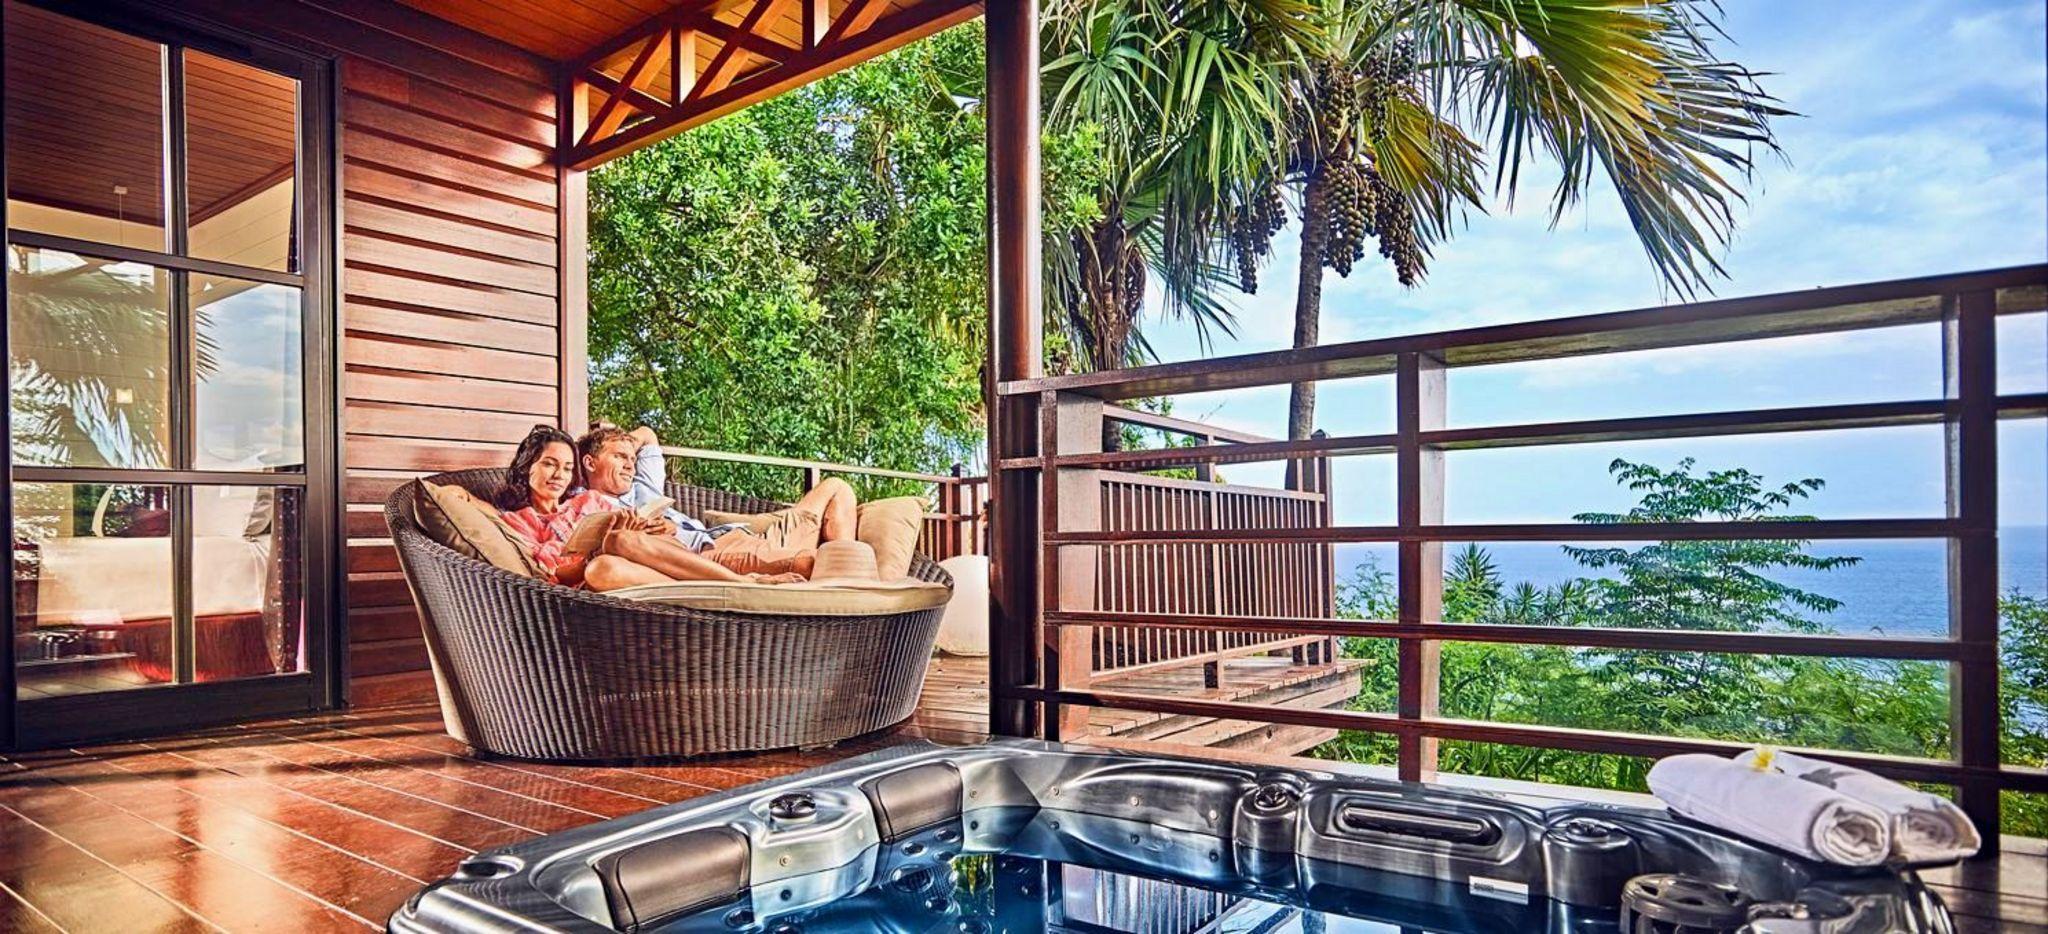 Ein Paar sitzt auf einer Terrasse mit Jacuzzi im Hotel Palm auf La Réunion